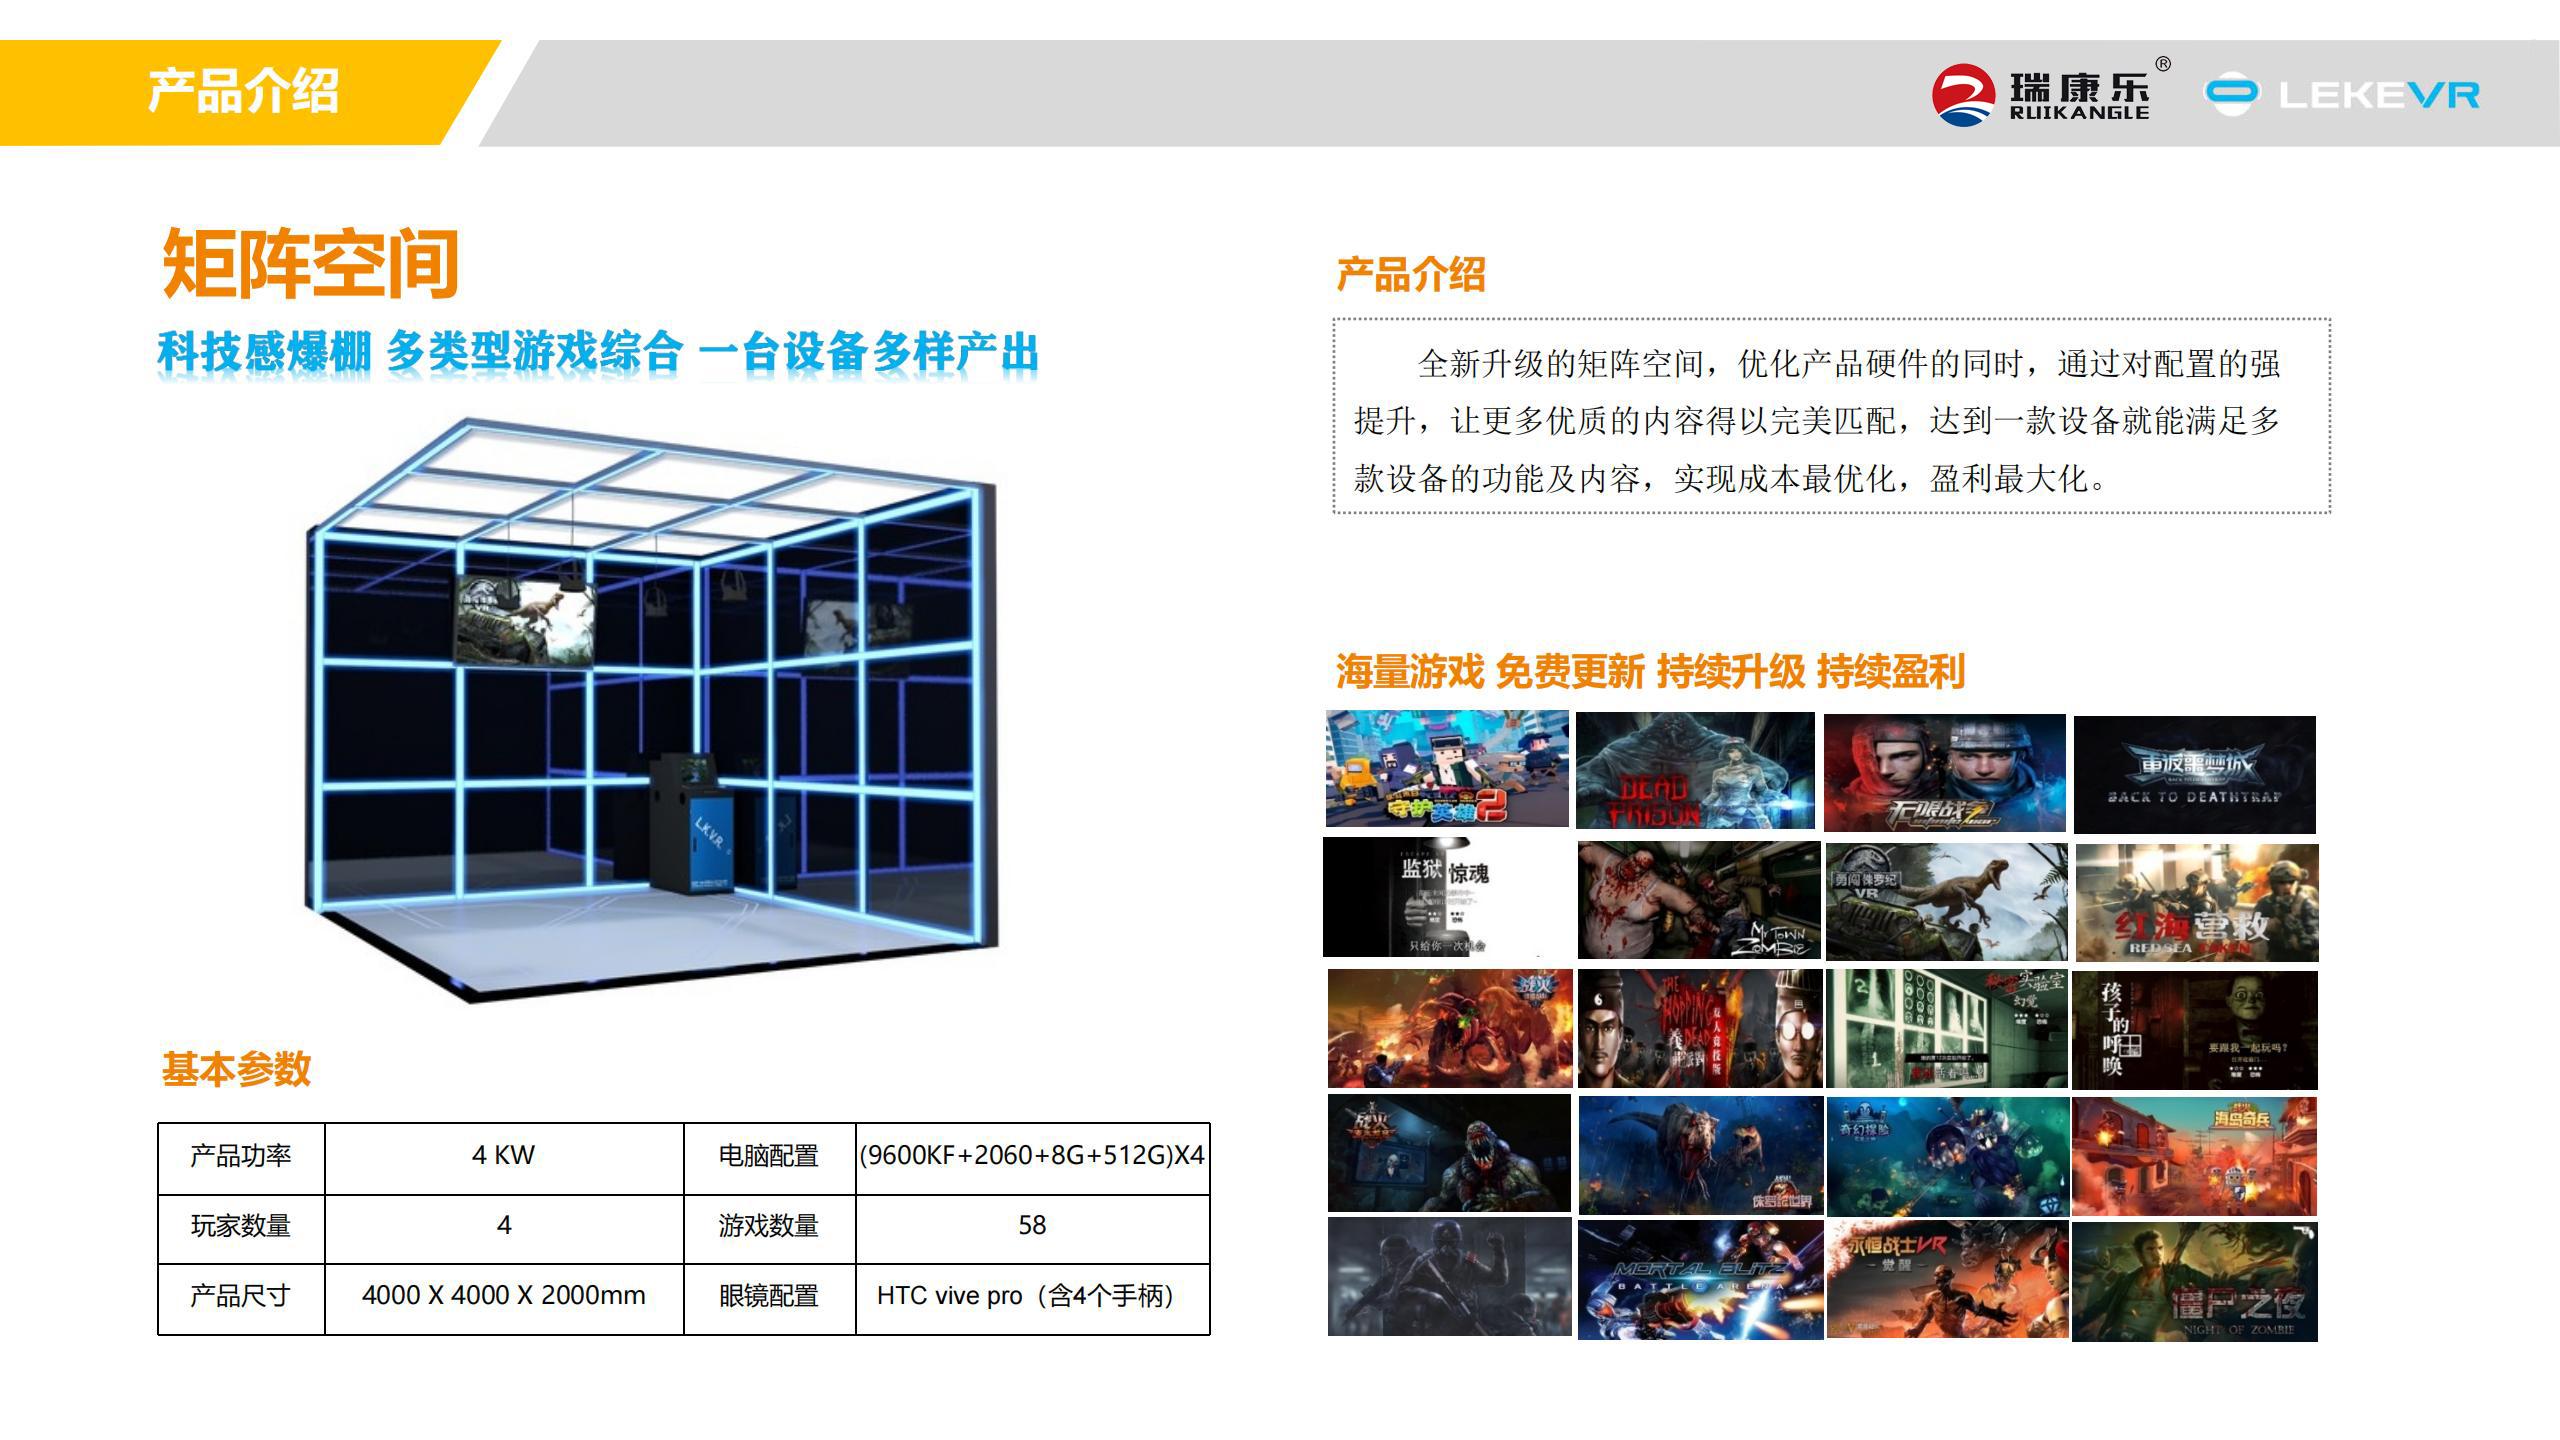 乐客VR联营项目介绍_27